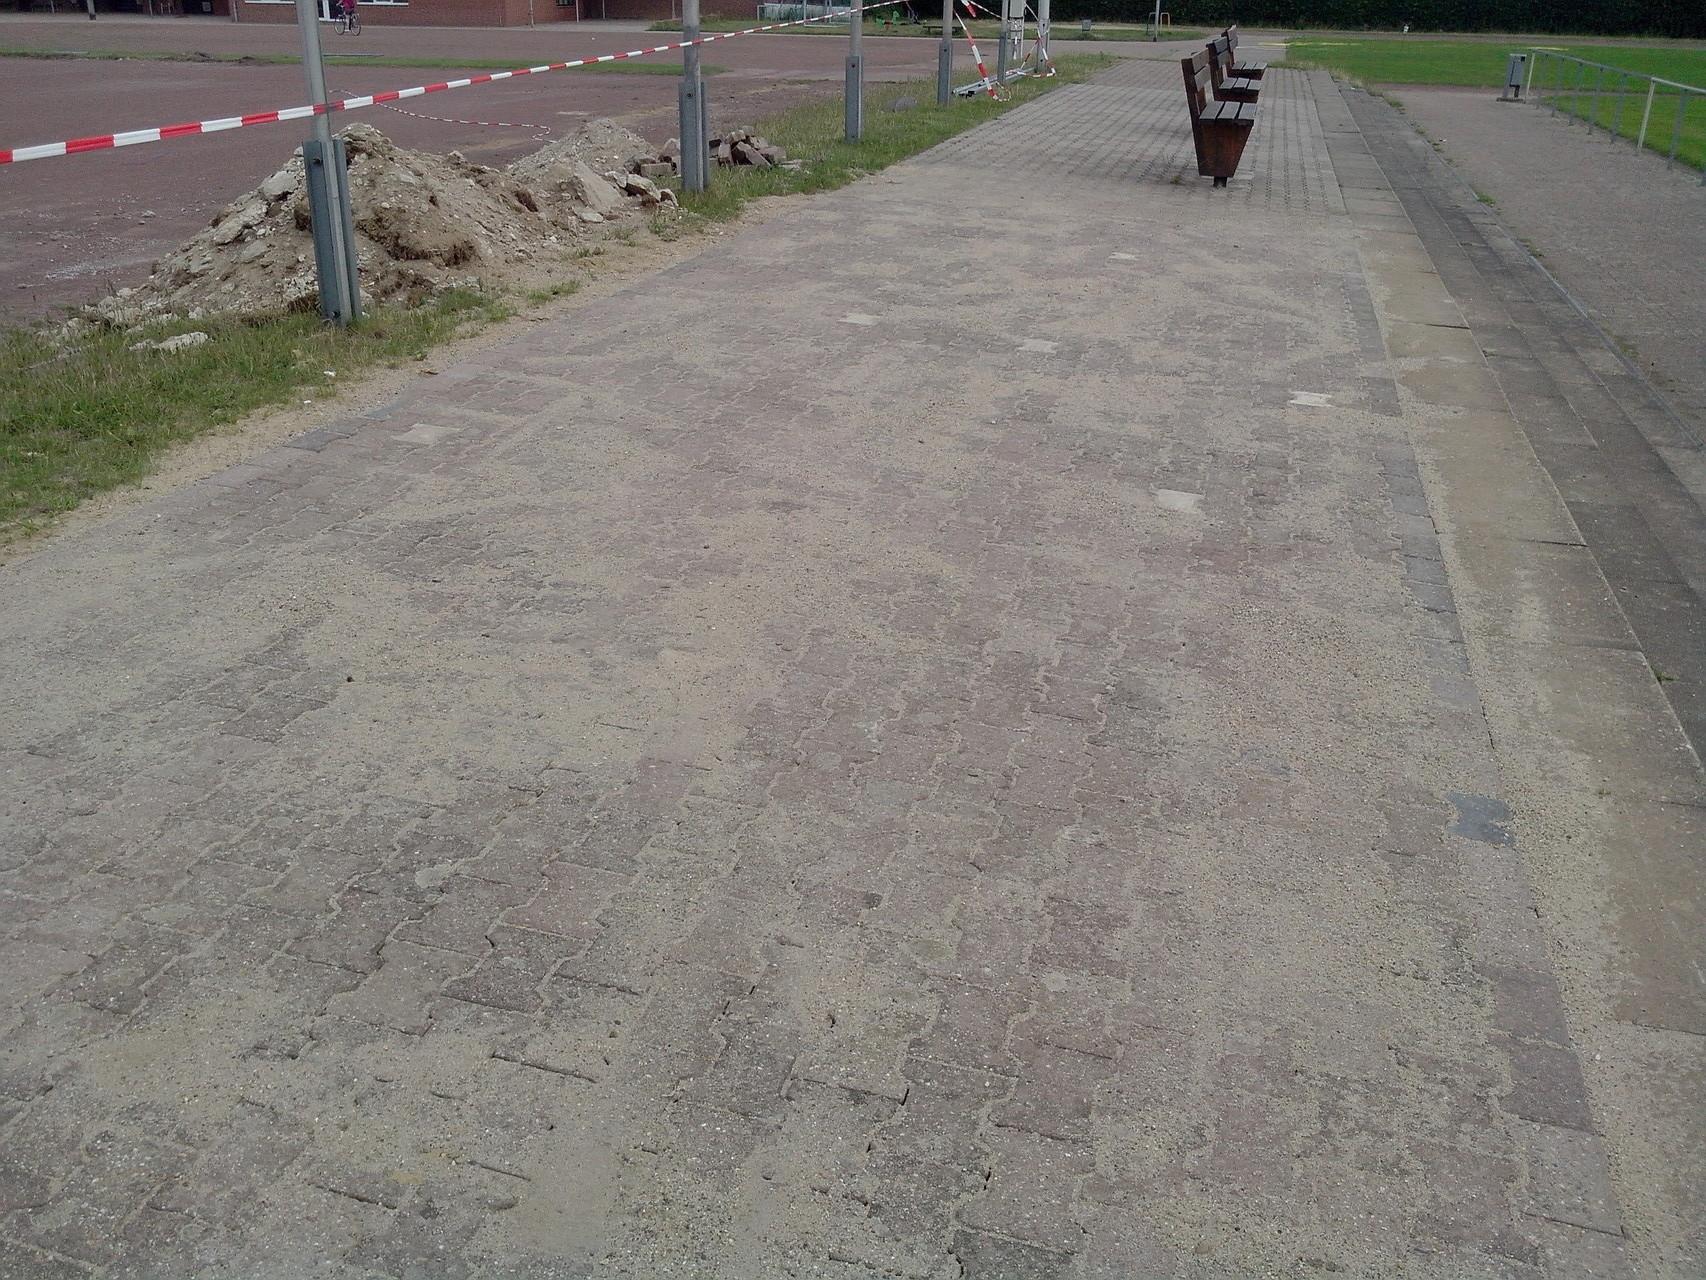 28.06.2015: Fläche vor der Tribüne wurde gepflastert